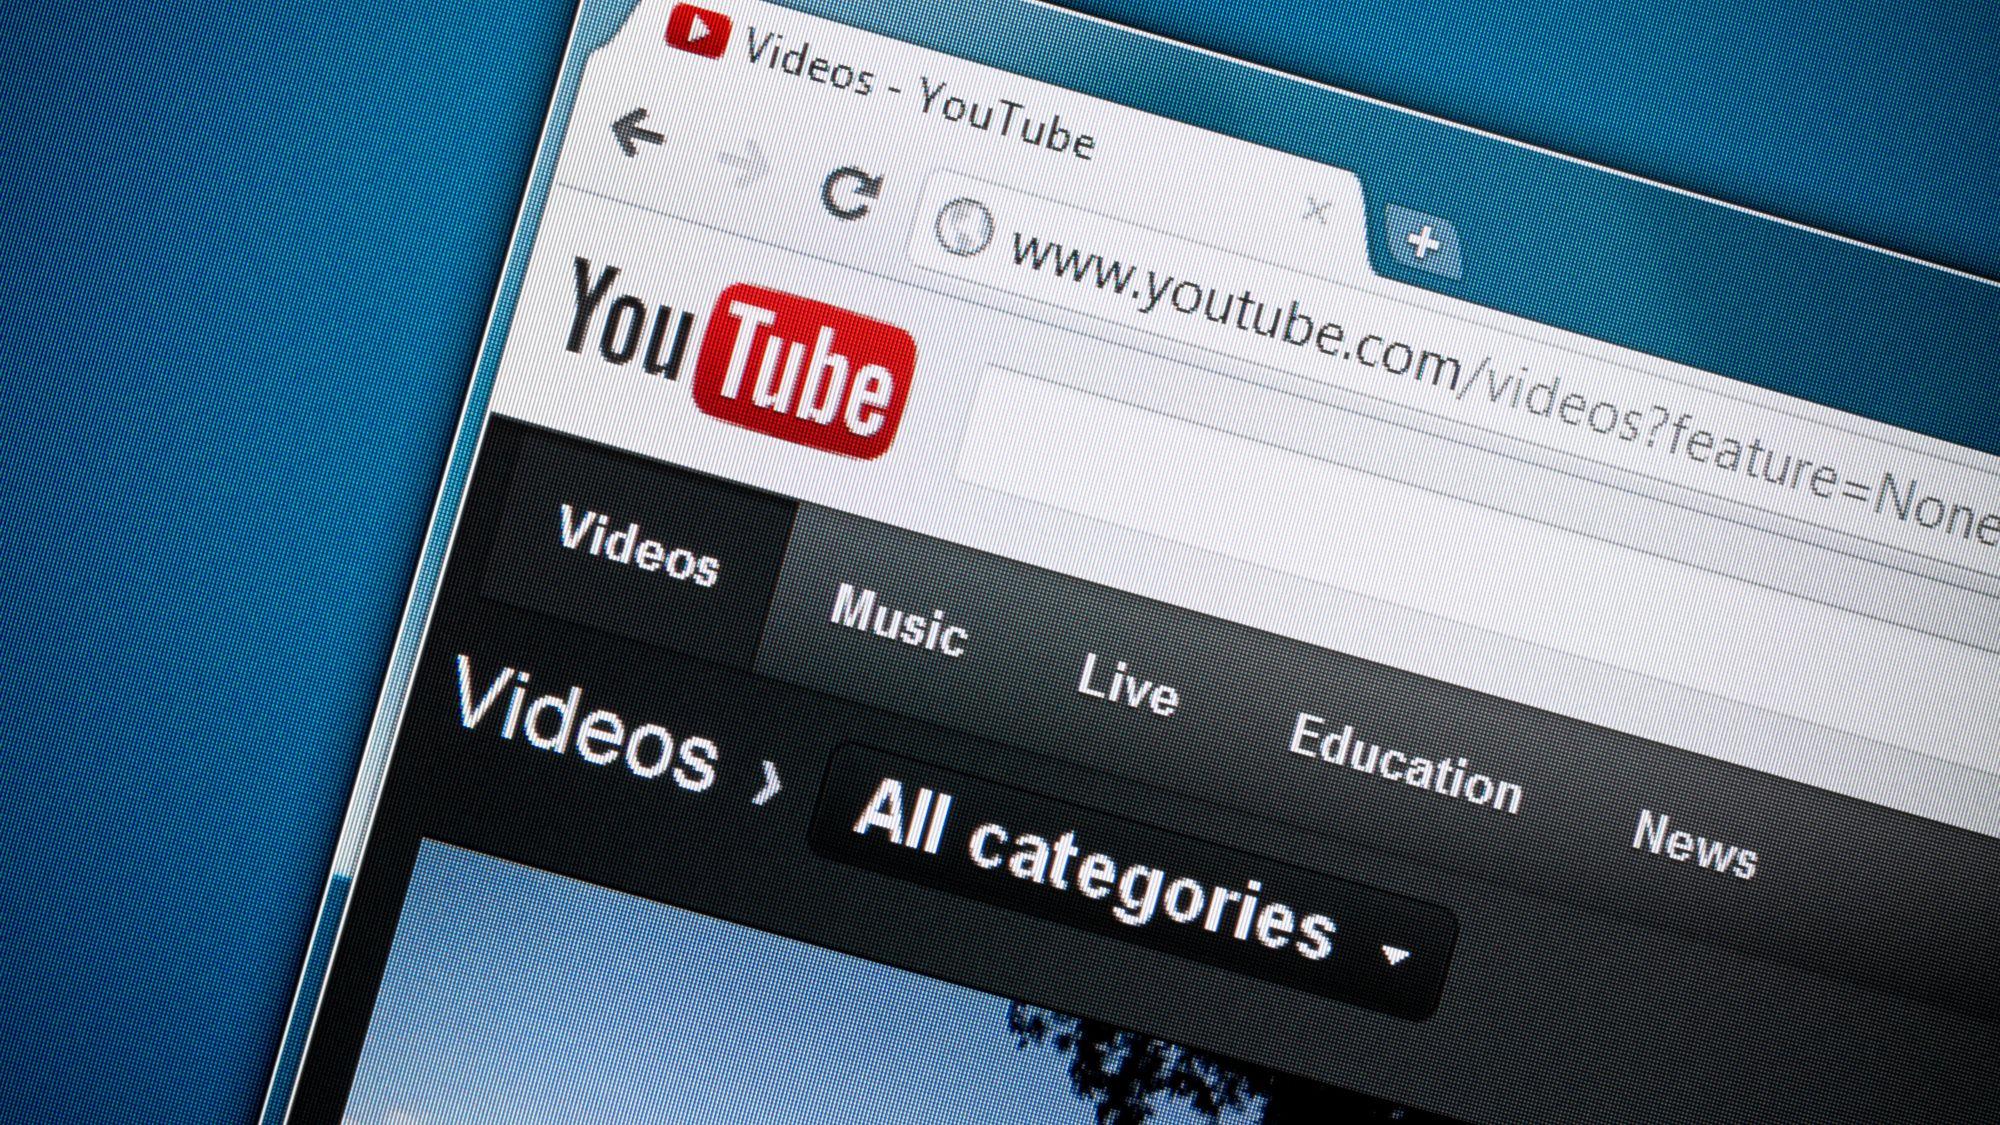 Rapportere brudd på opphavsretten? Nå krever YouTube at du